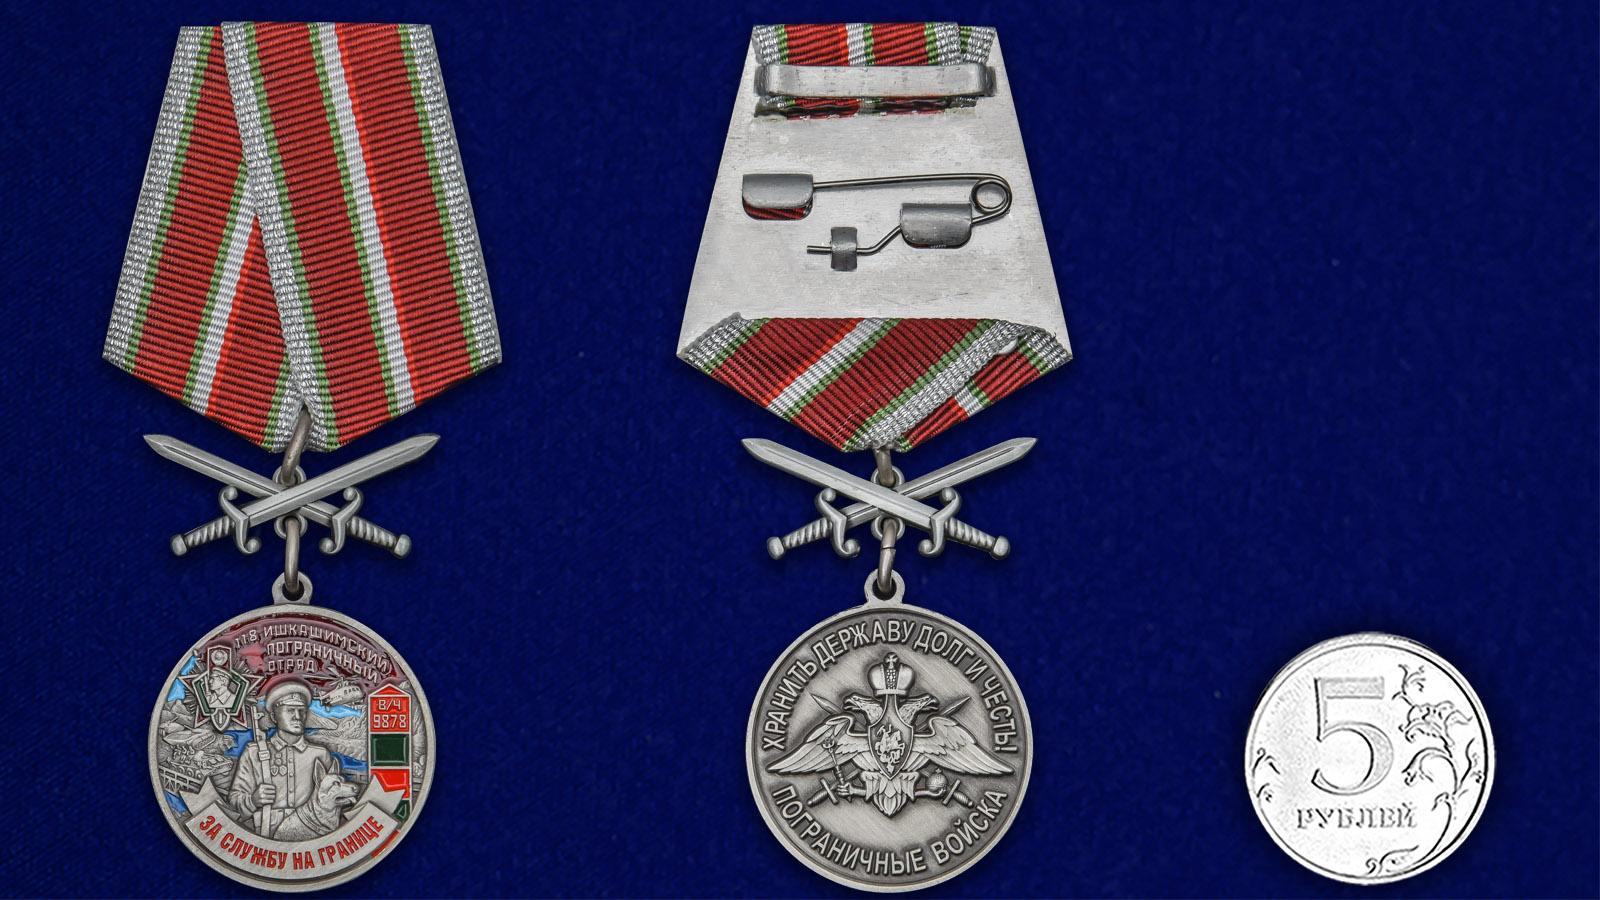 Наградная медаль За службу в Ишкашимском пограничном отряде - сравнительный вид